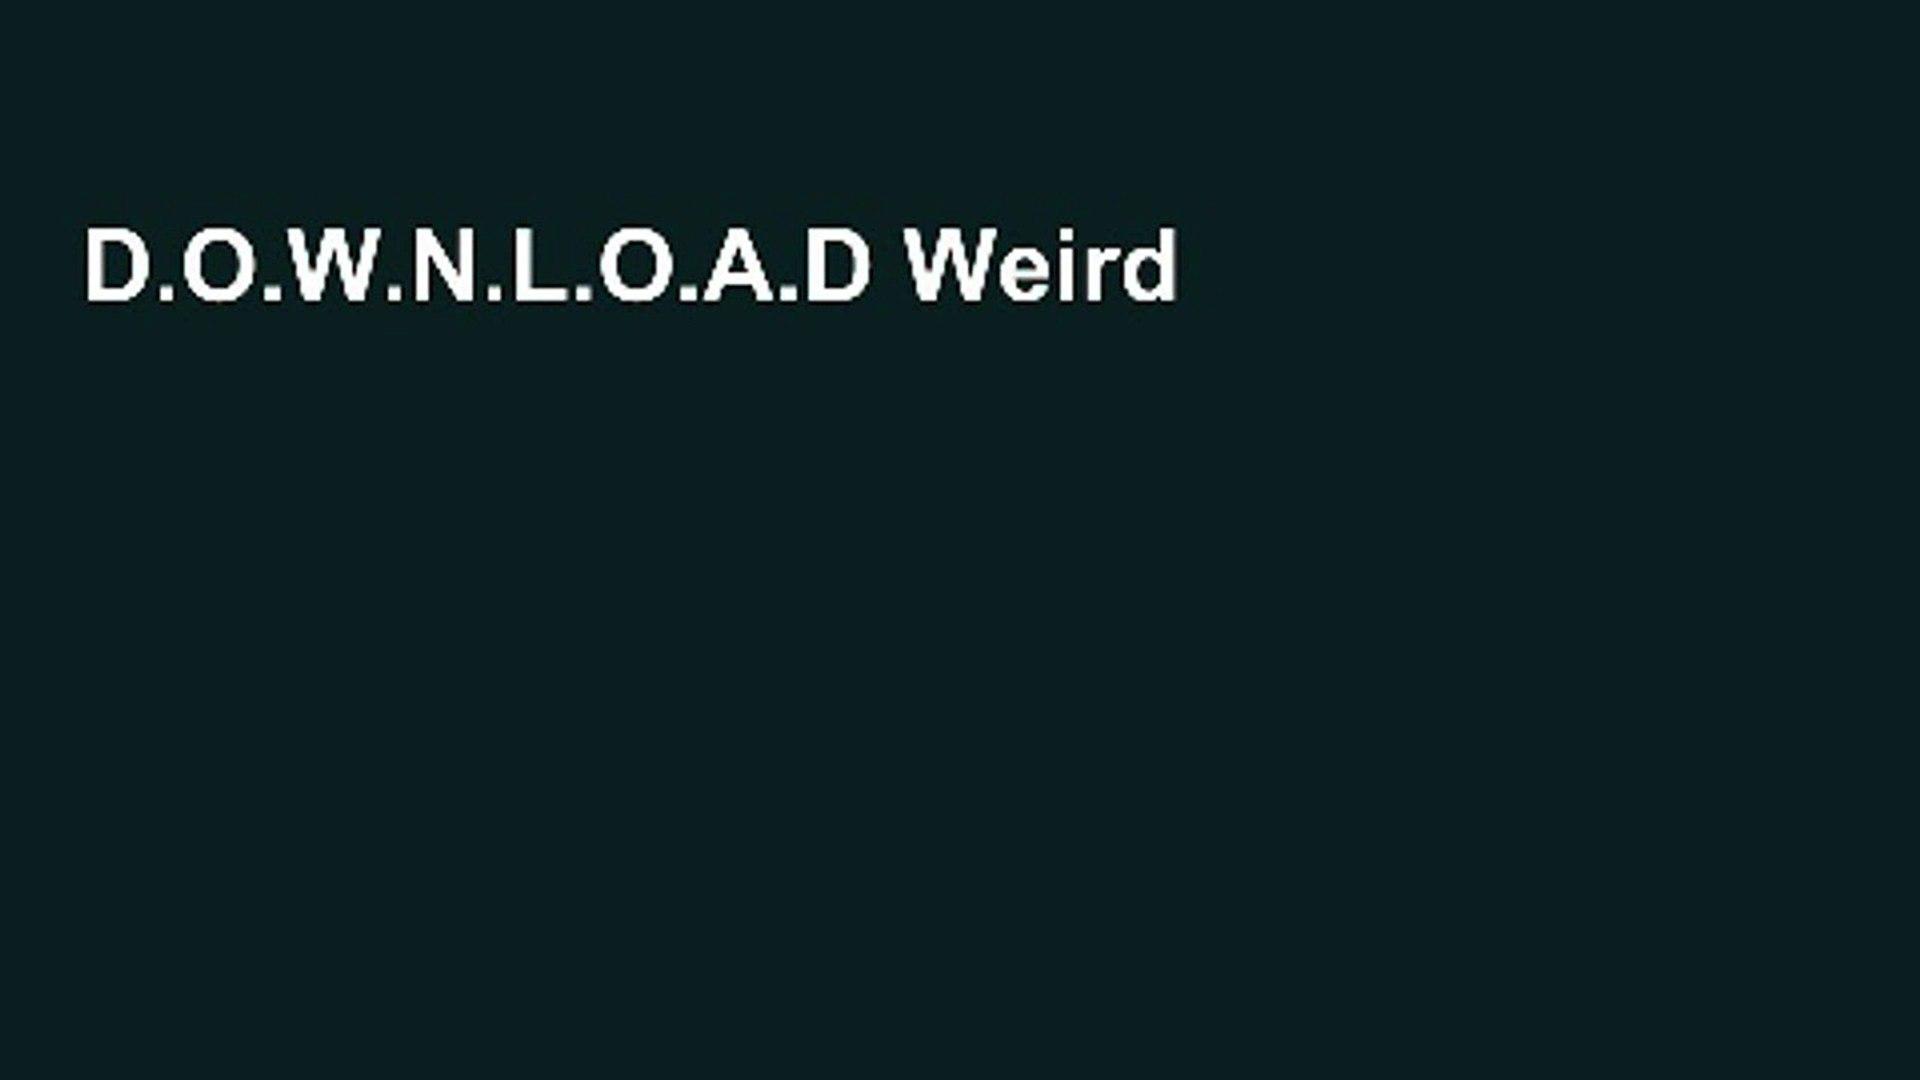 D.O.W.N.L.O.A.D Weird But True! Christmas: 300 Festive Facts to Light Up the Holidays (Weird But